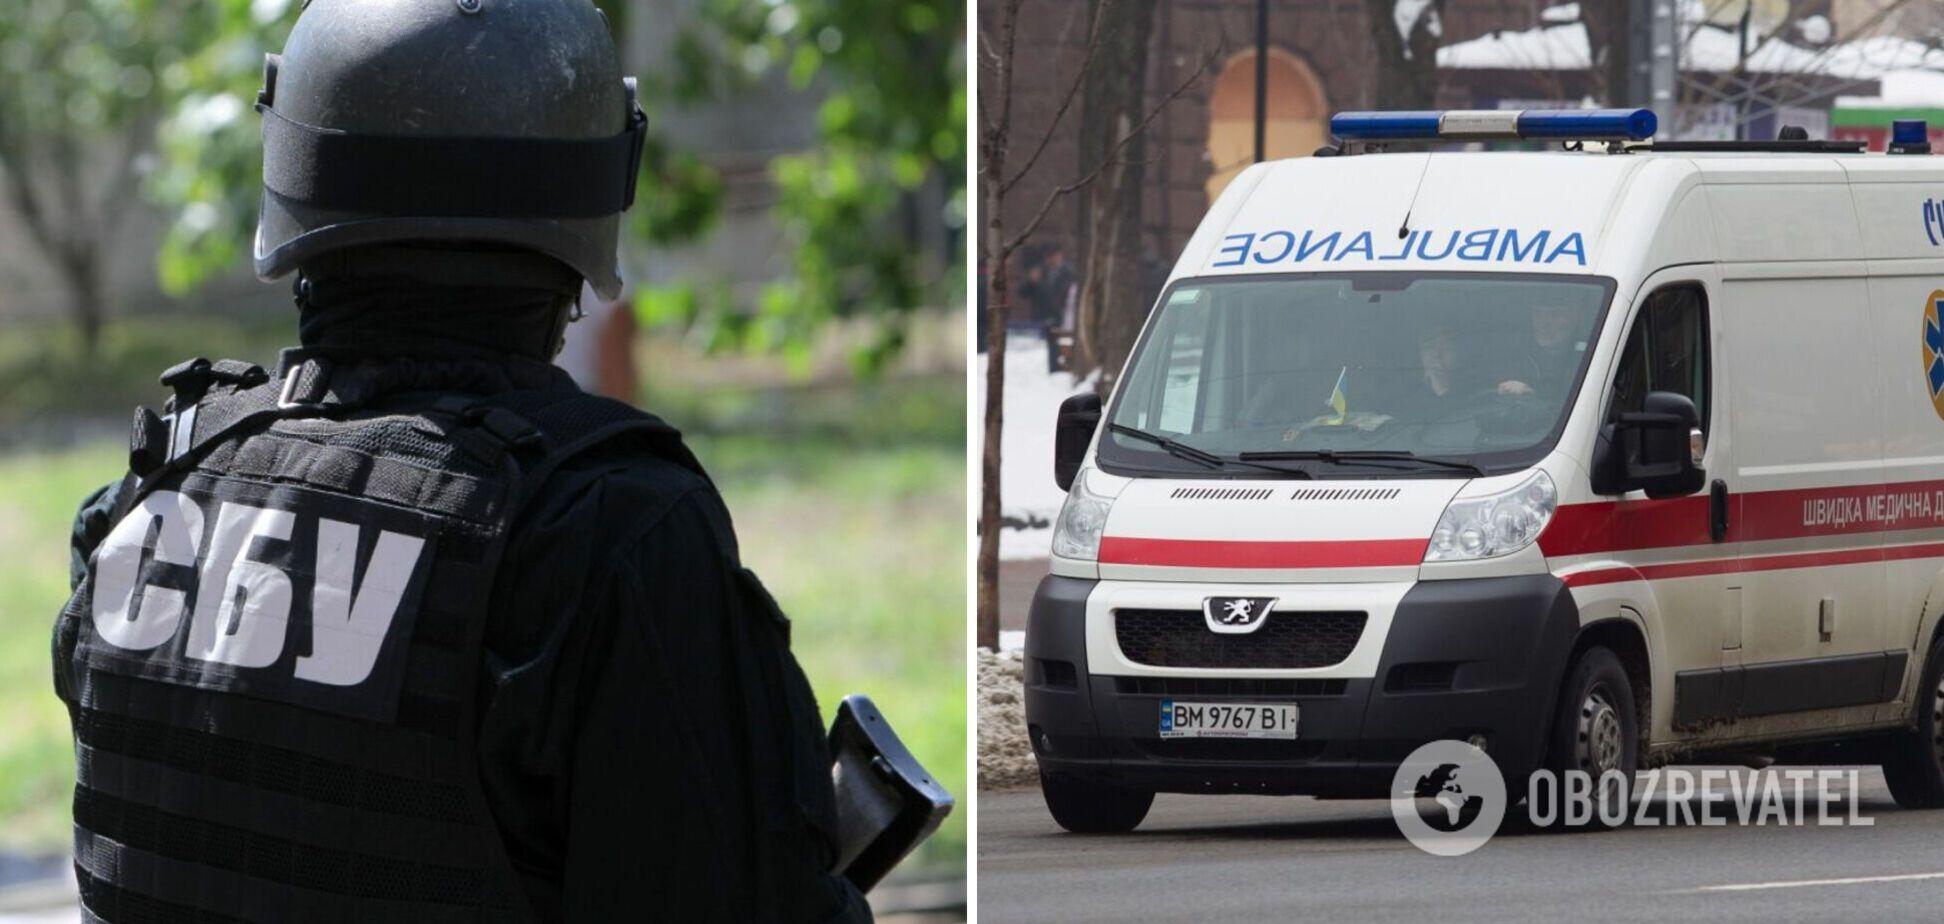 В Виннице экс-СБУшник протаранил авто скорой помощи и угрожал водителю